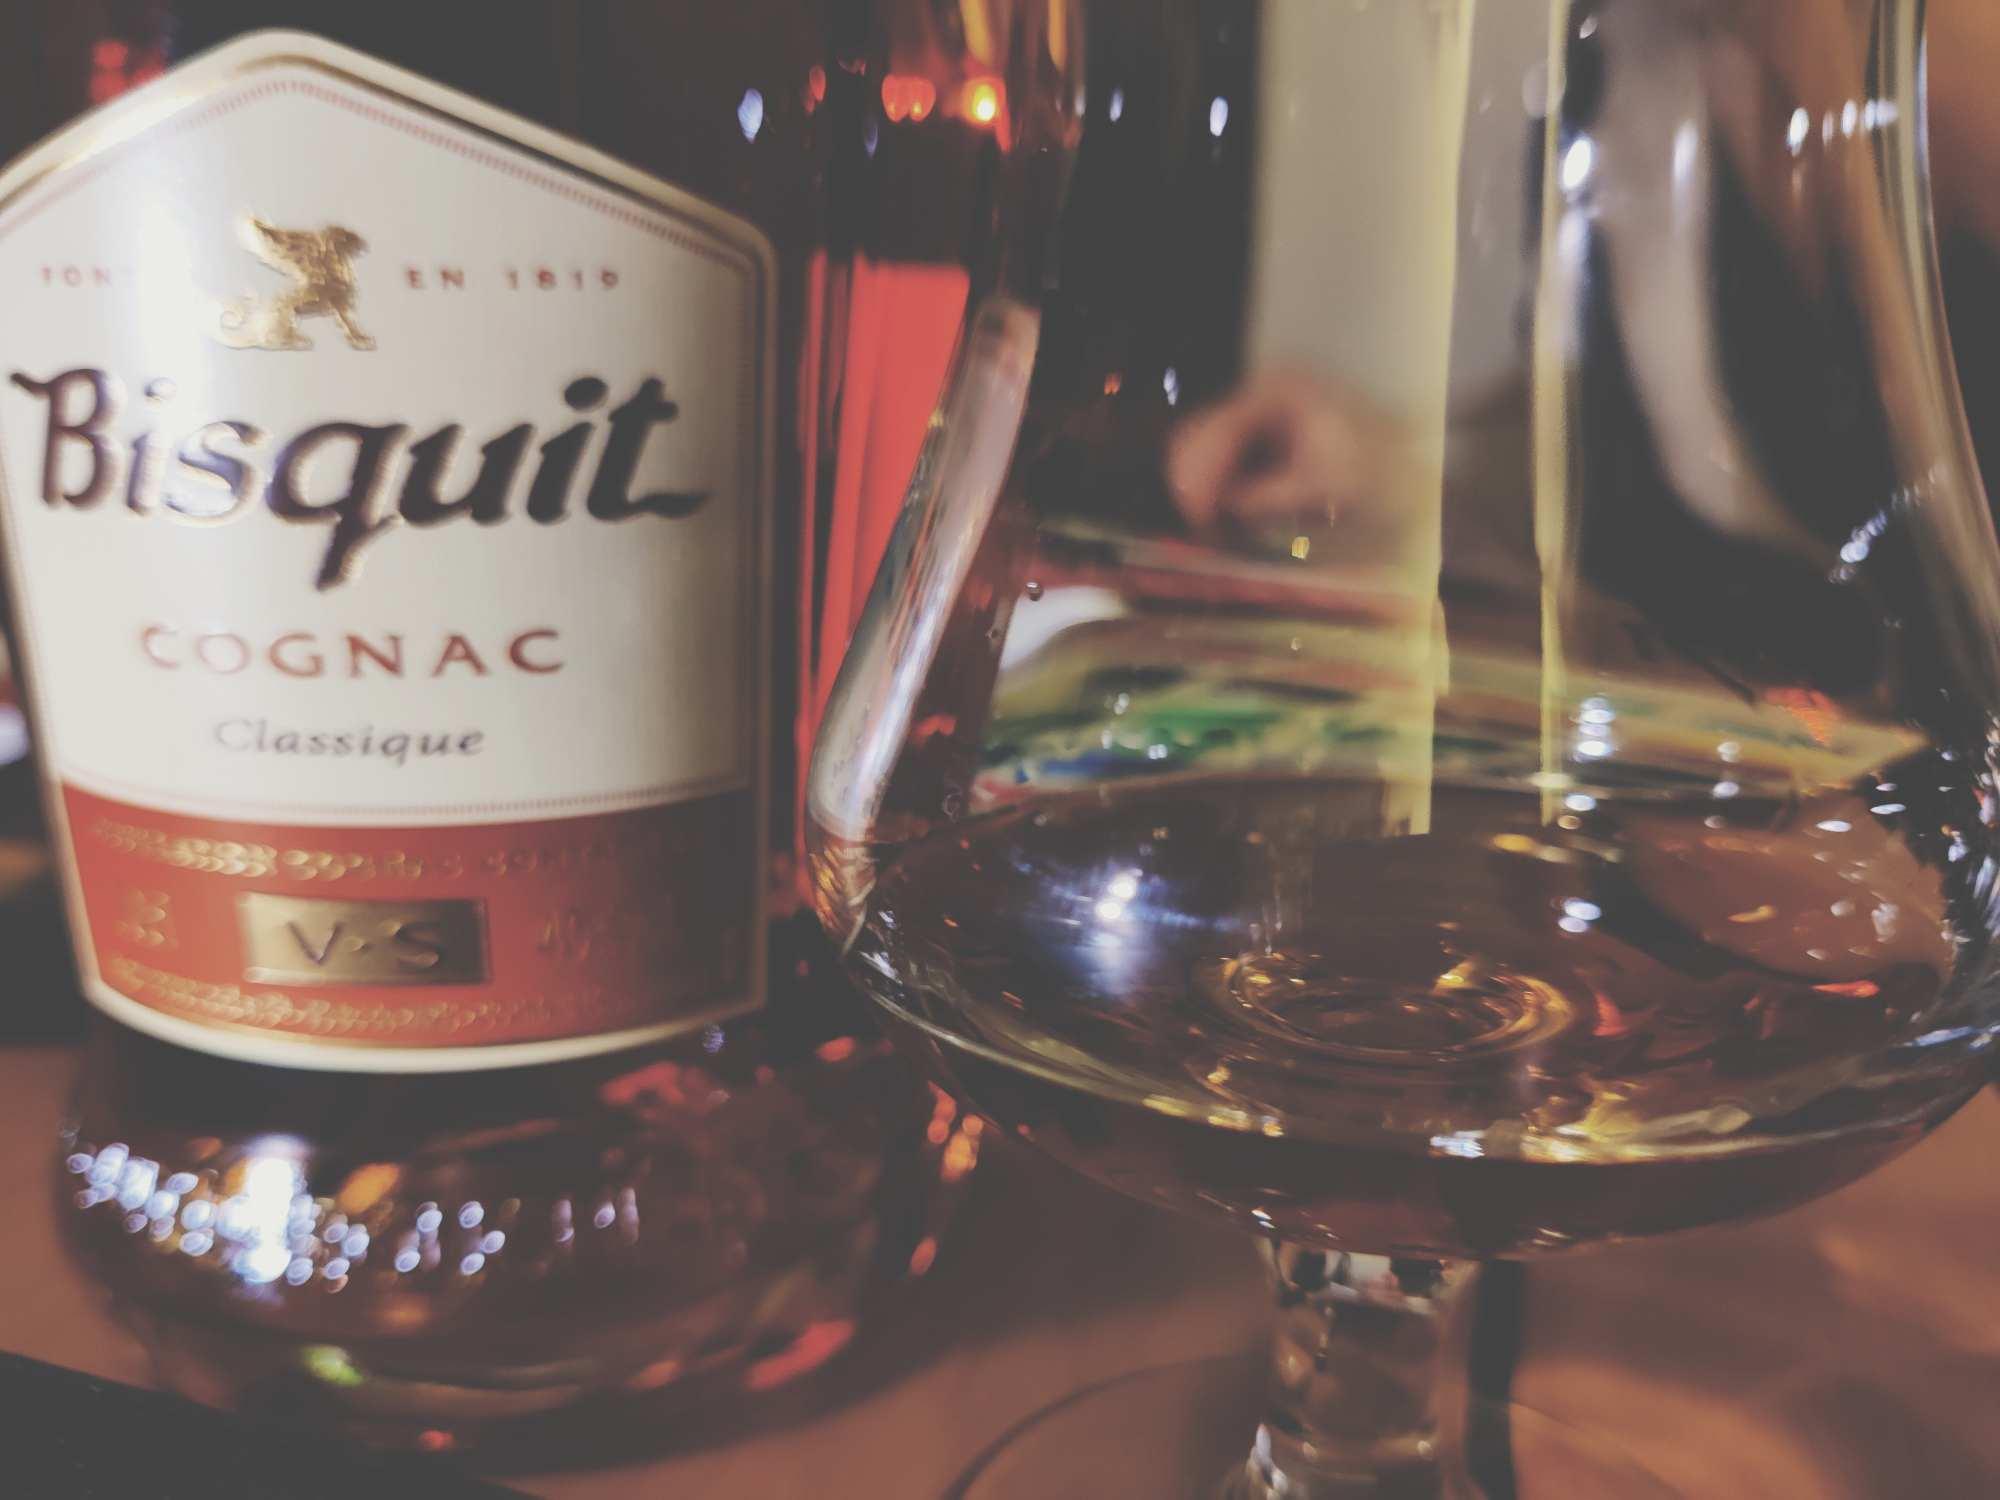 Bisquit VS Cognac